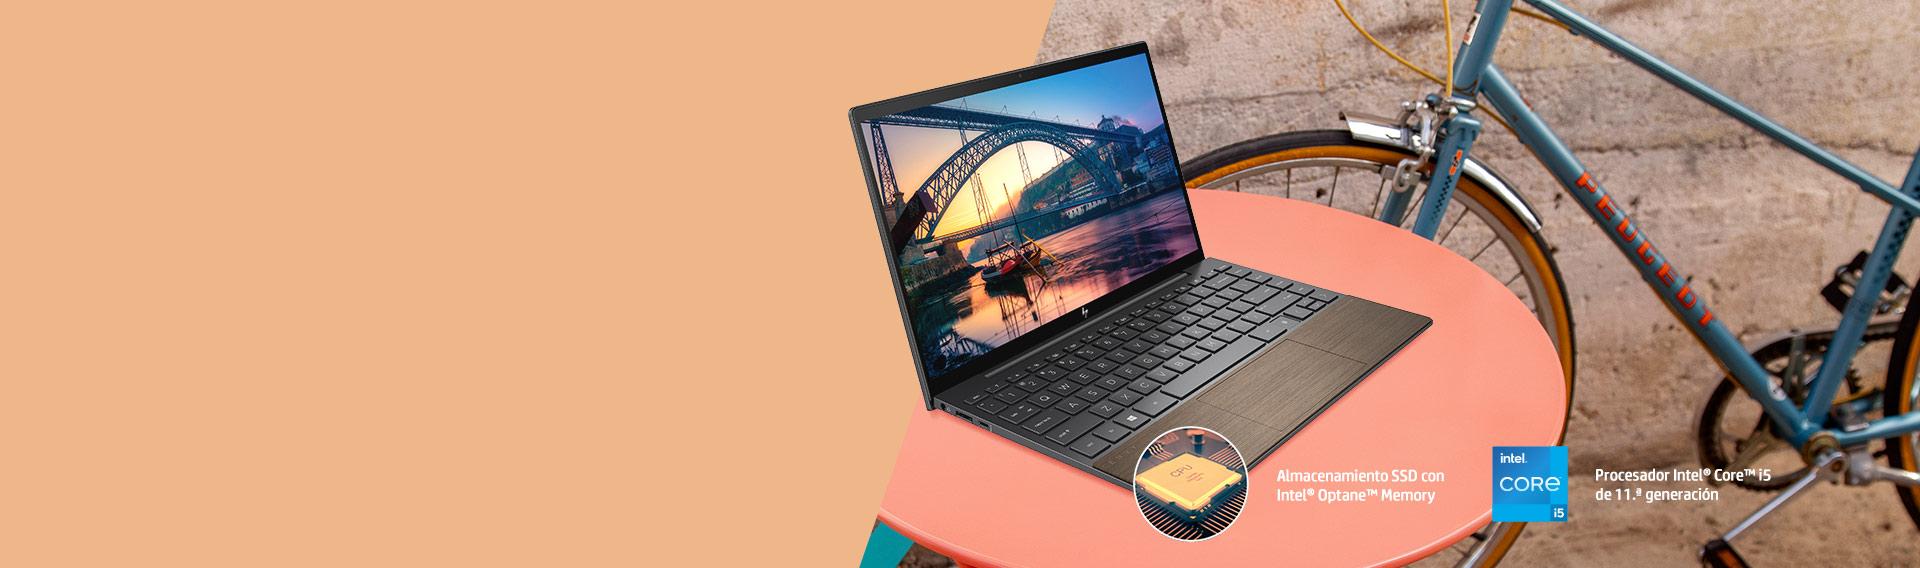 HP Envy laptop 13-ba1011la